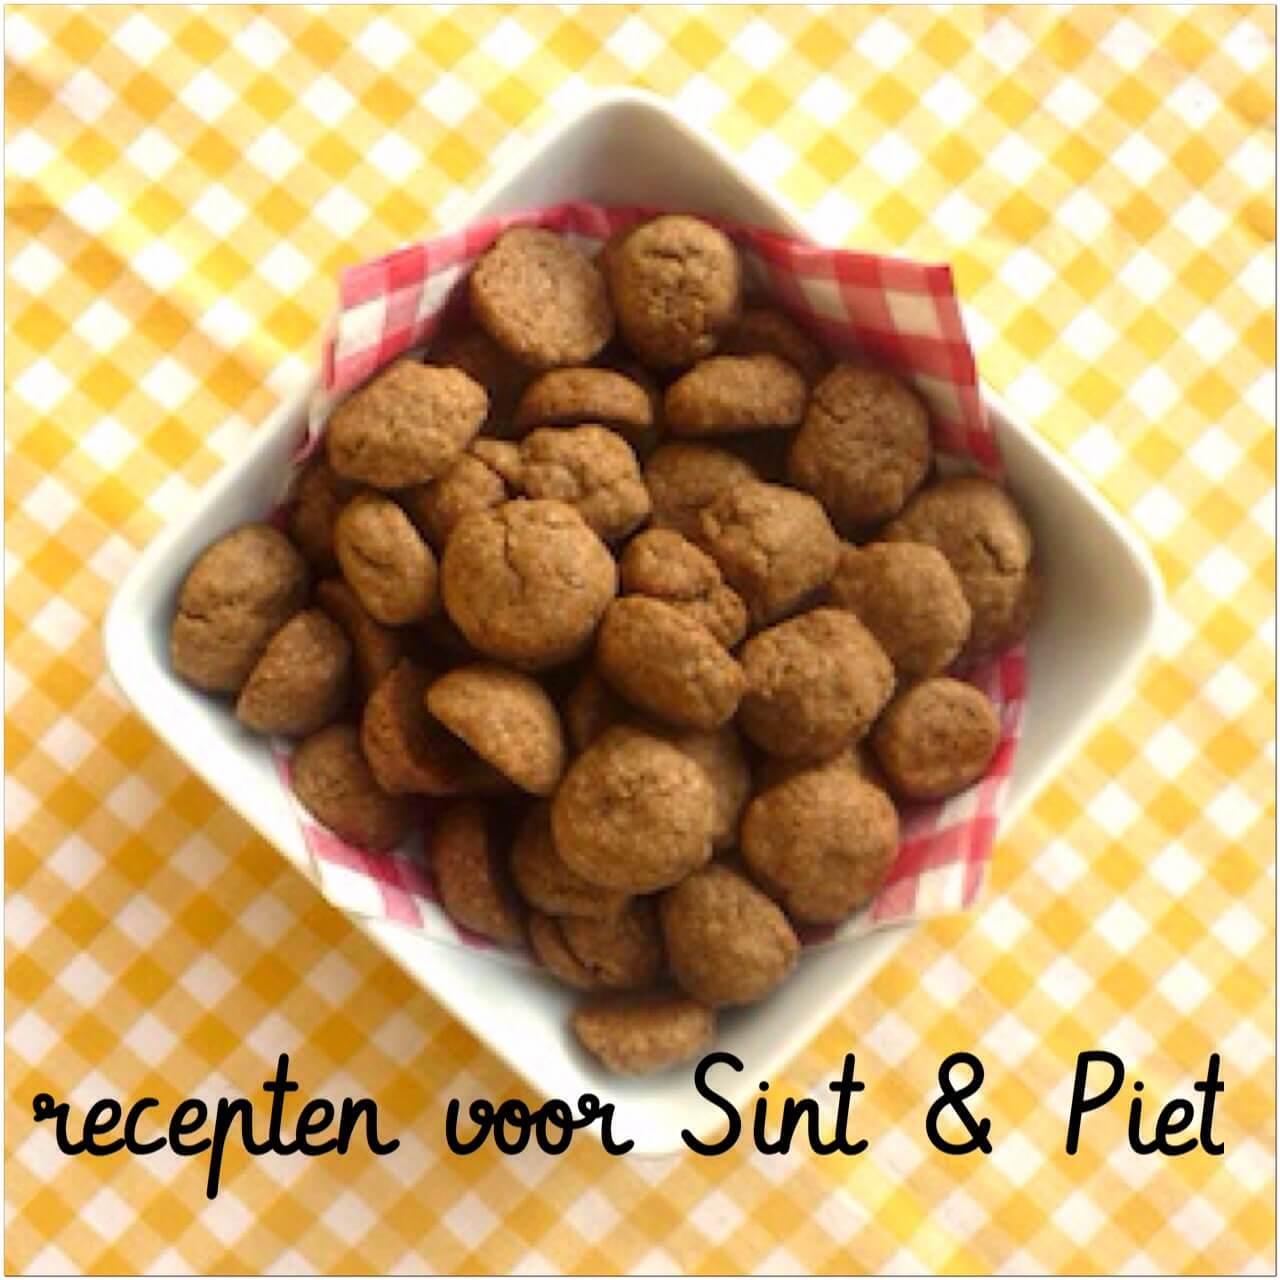 Recept voor Sint & Piet: marsepein en pepernoten